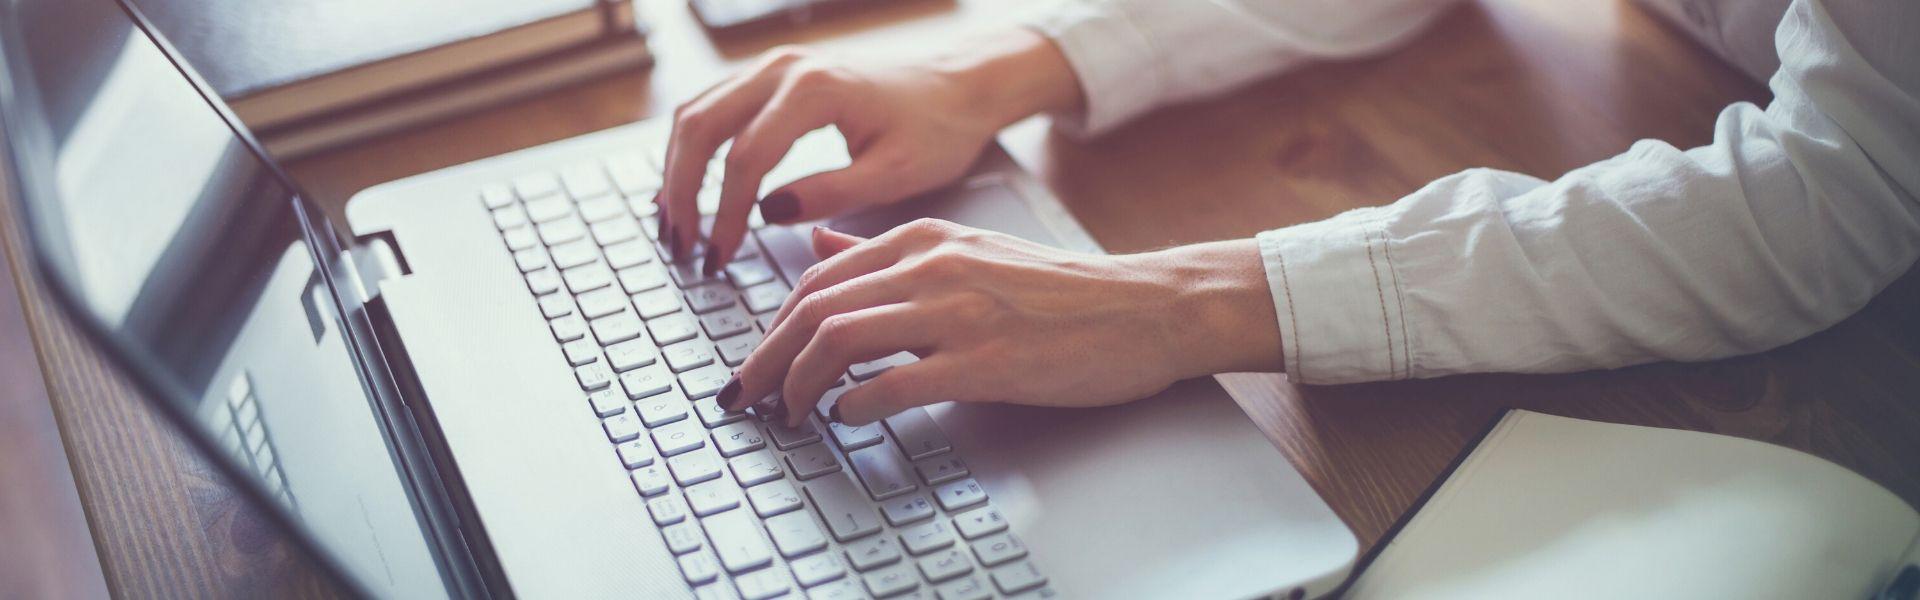 naise käed arvuti klahvidel